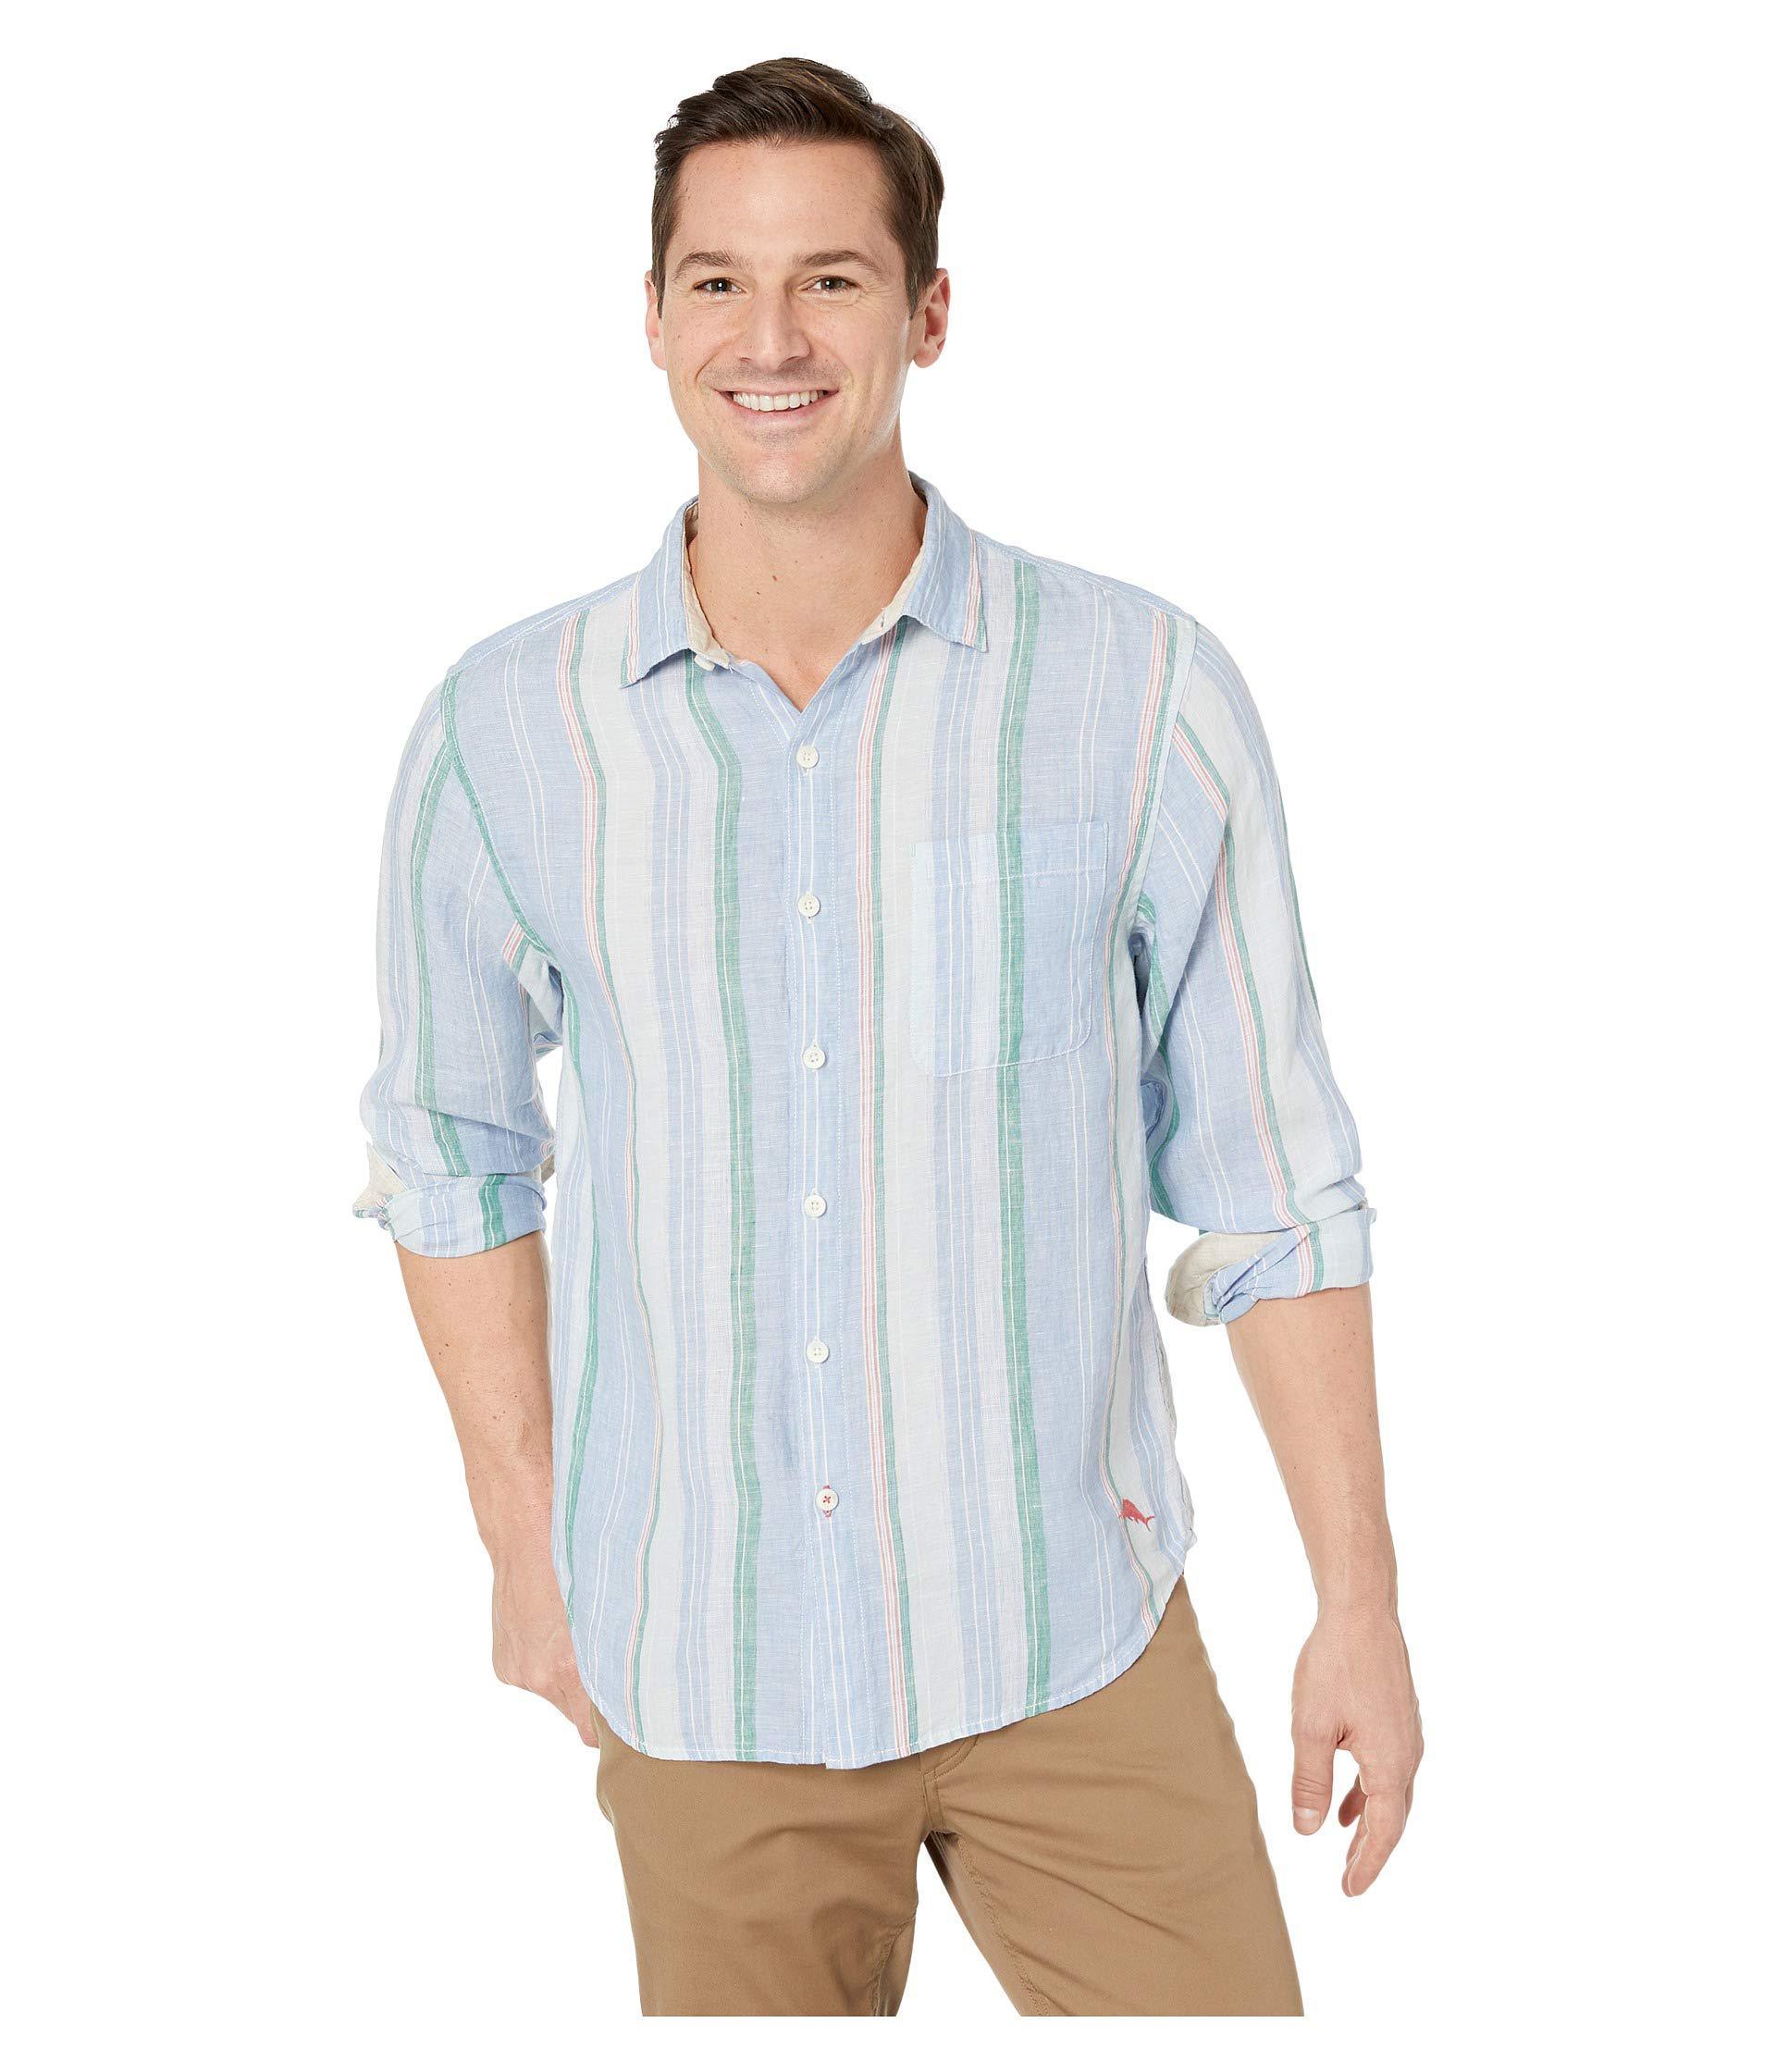 d8849969c5b Zephyr Linen Blend Short Sleeve Shirt - Nils Stucki Kieferorthopäde